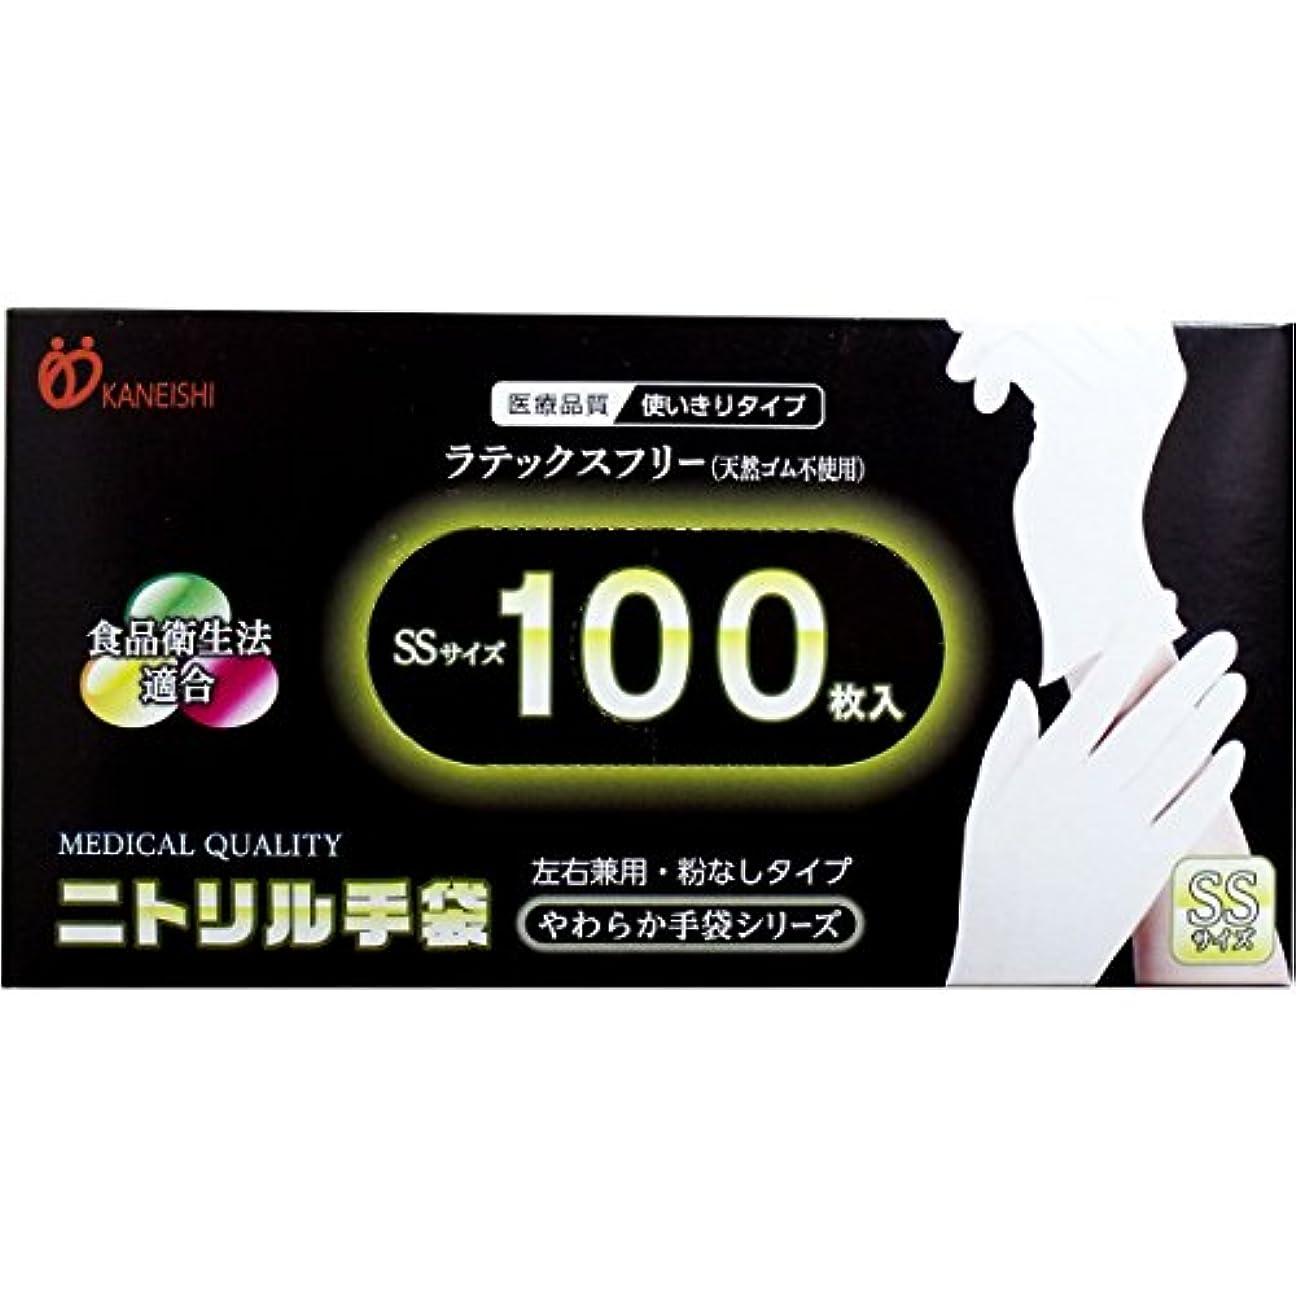 噴水パラメータくびれた[12月23日まで特価]やわらかニトリル手袋 パウダーフリー 100枚入 SSサイズ (単品1個)